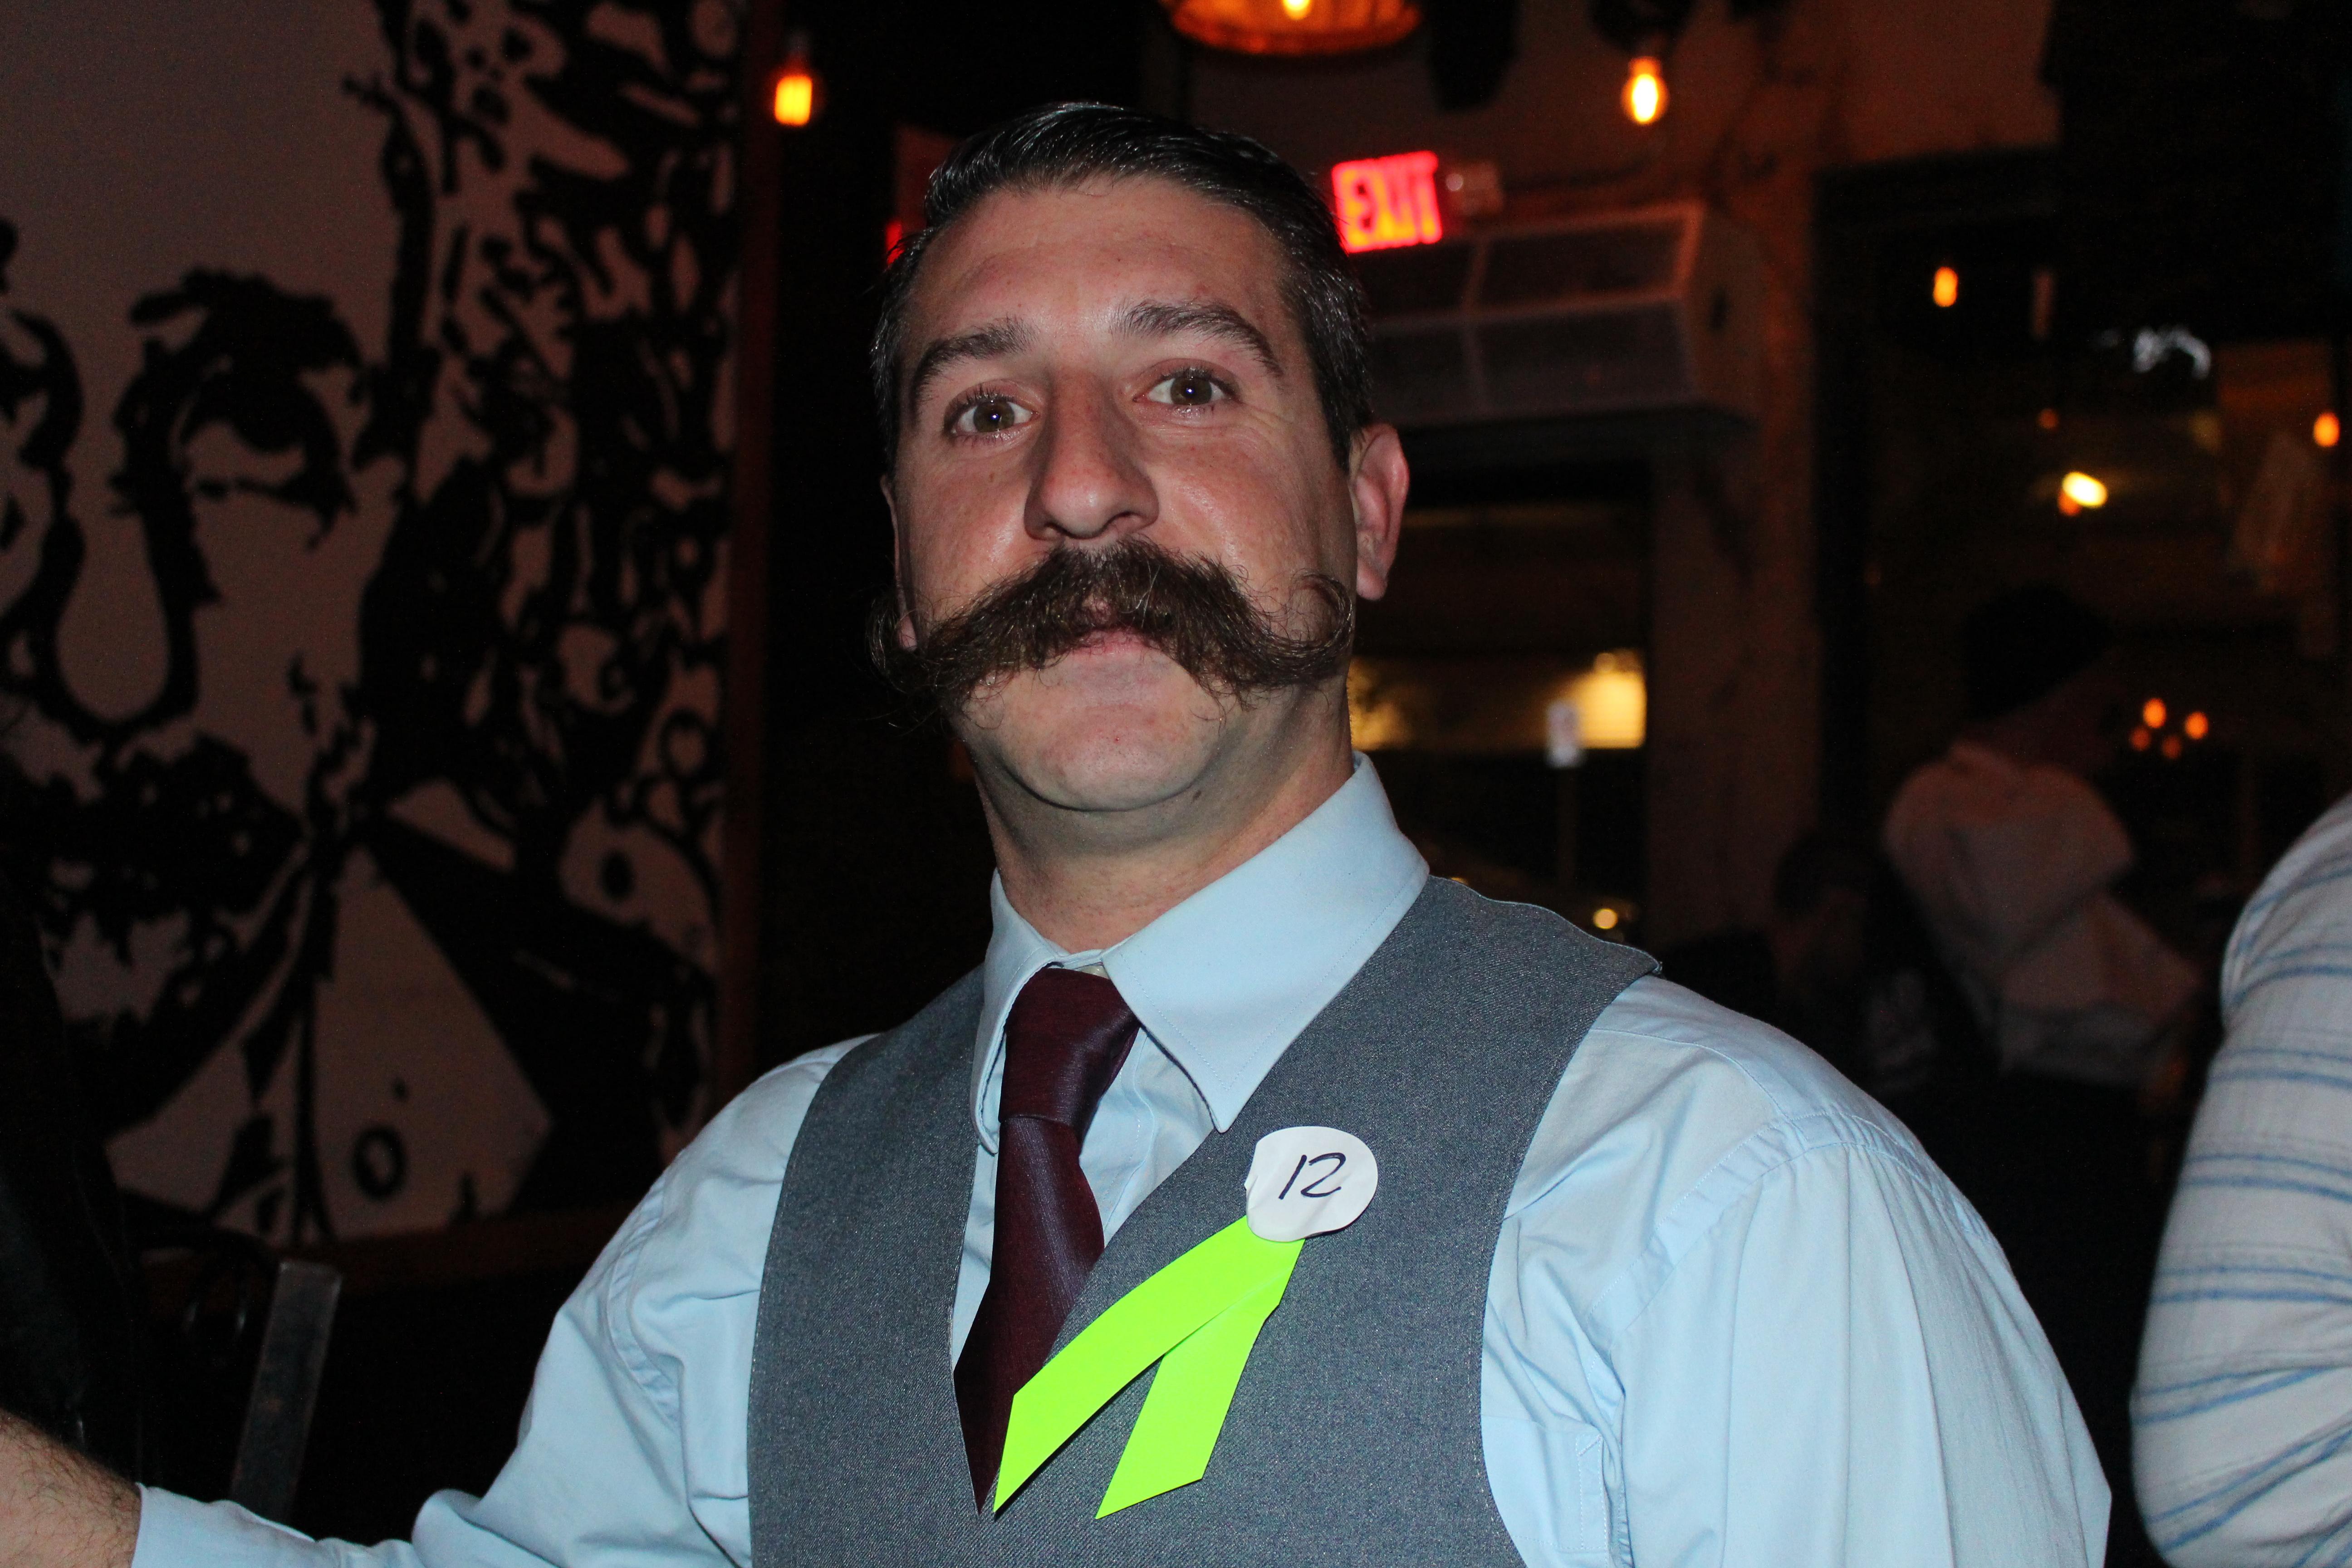 Mustache Competitor